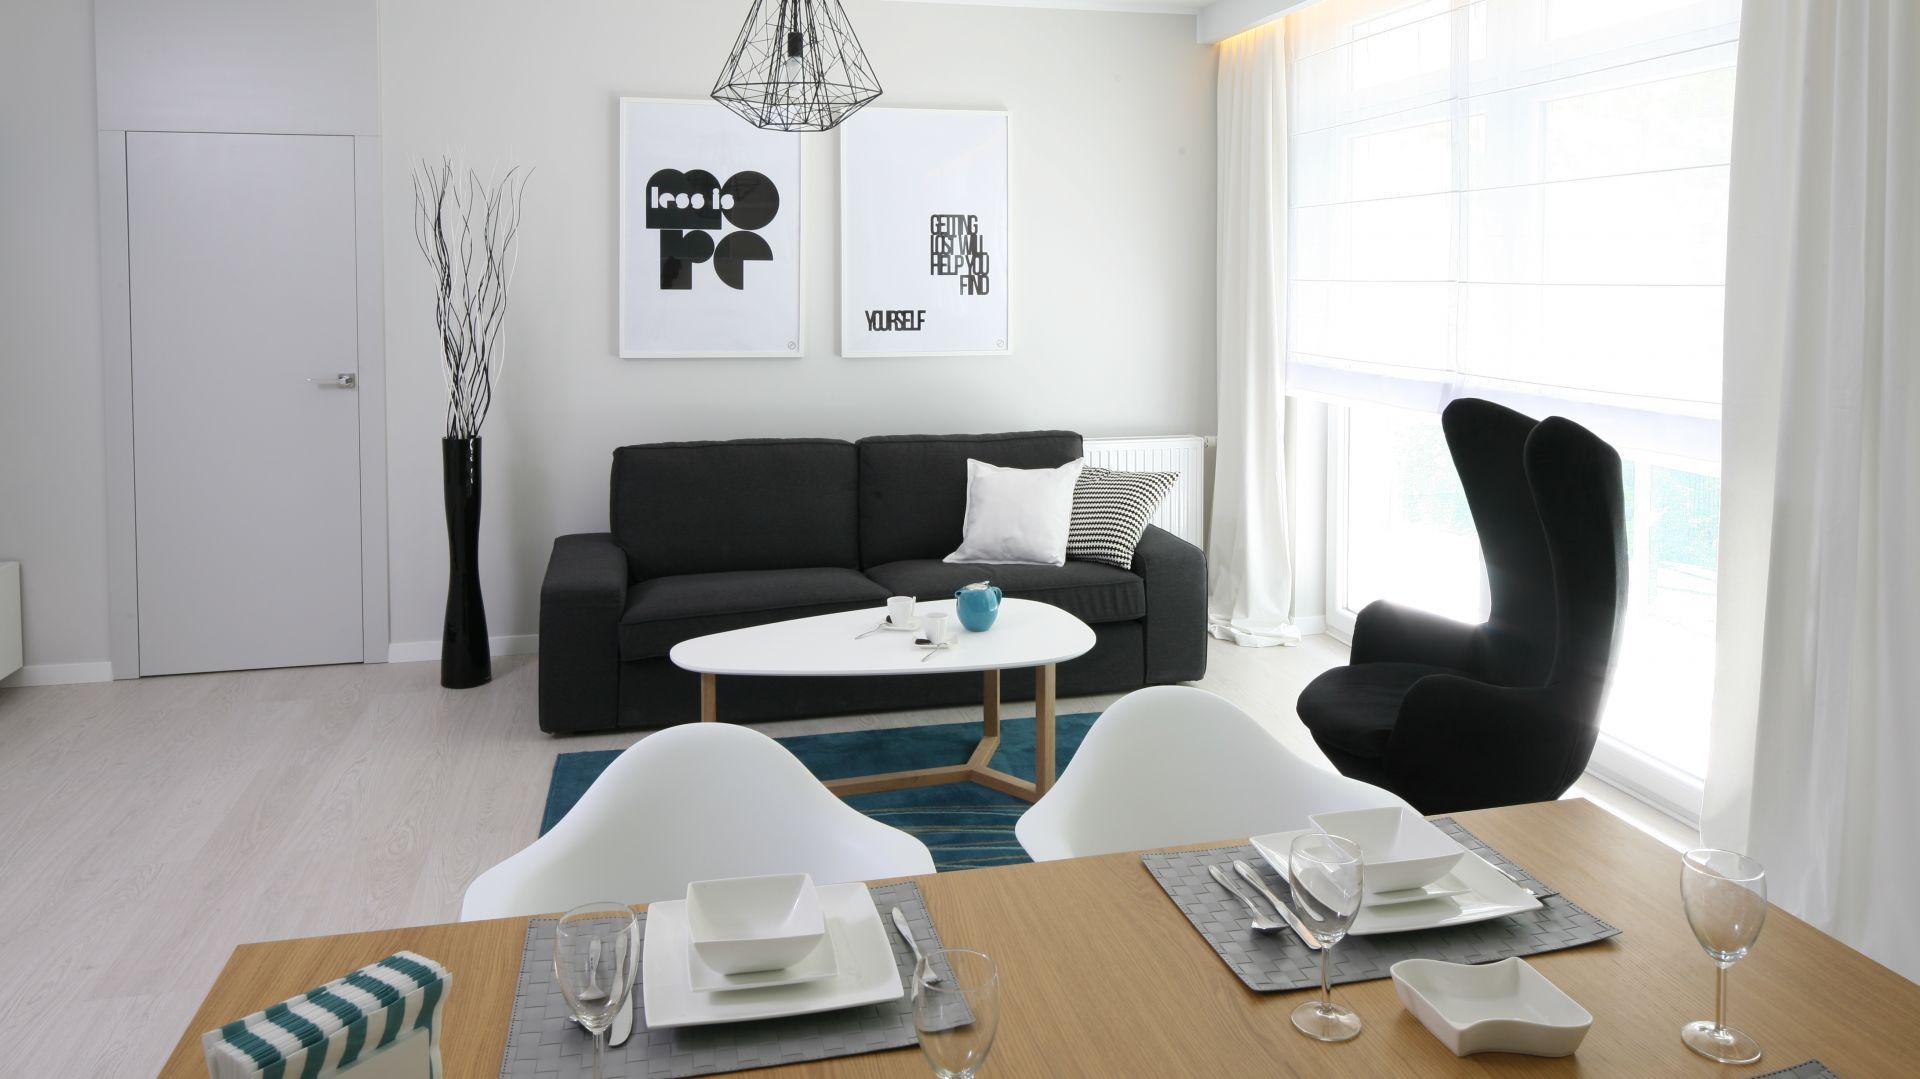 Salon połączony z kuchnią. Duży ciemny fotel w elegancki sposób dzieli obie strefy. Duże okno sprawia, że pomieszczenie jest dobrze oświetlone i wydaje się wyższe. Projekt: Anna Maria Sokołowska. Fot. Bartosz Jarosz